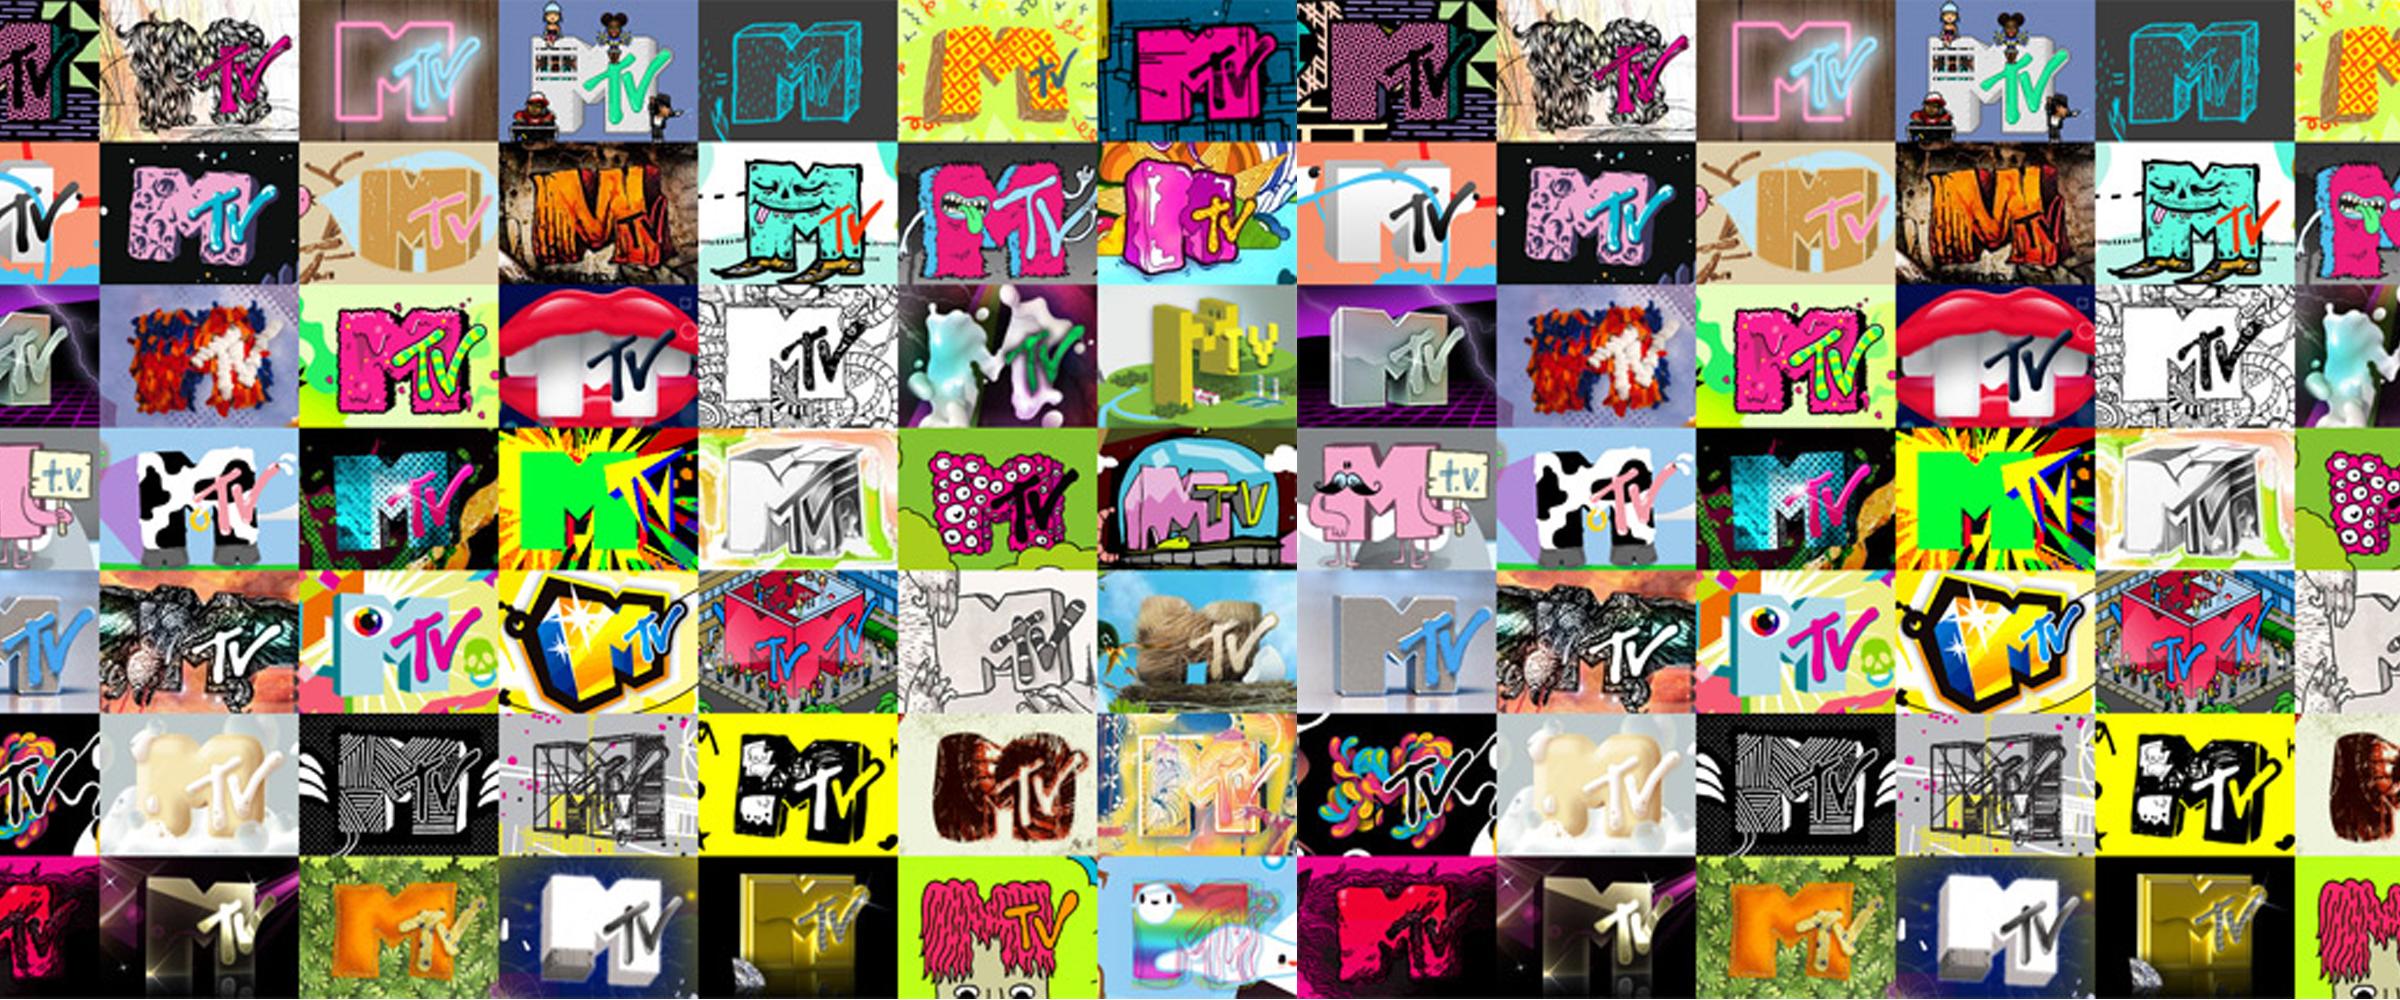 MTVHead